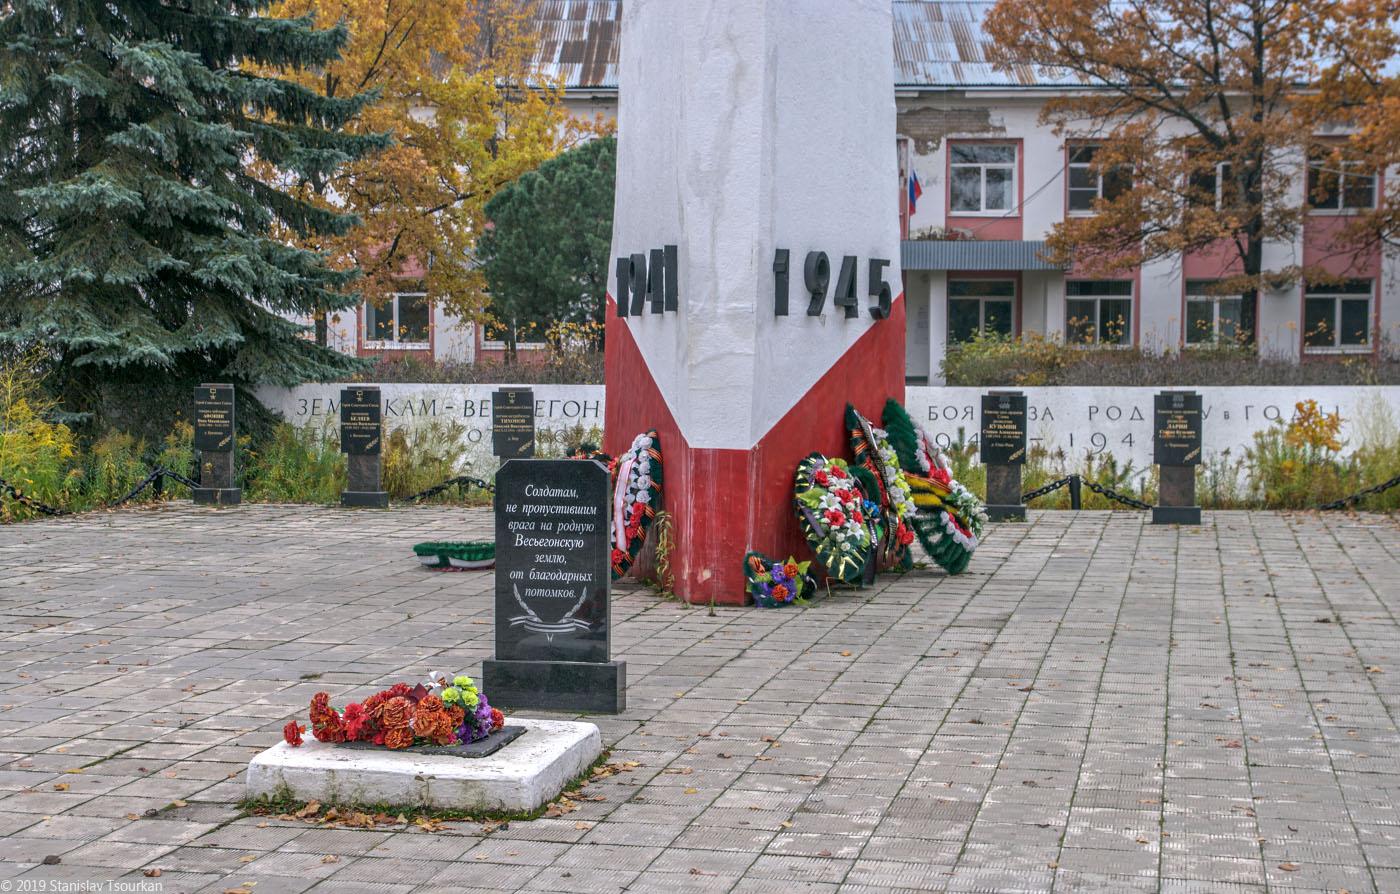 Весьегонск, Тверская область, монумент, мемориал, мемориал ВОВ, ВОВ